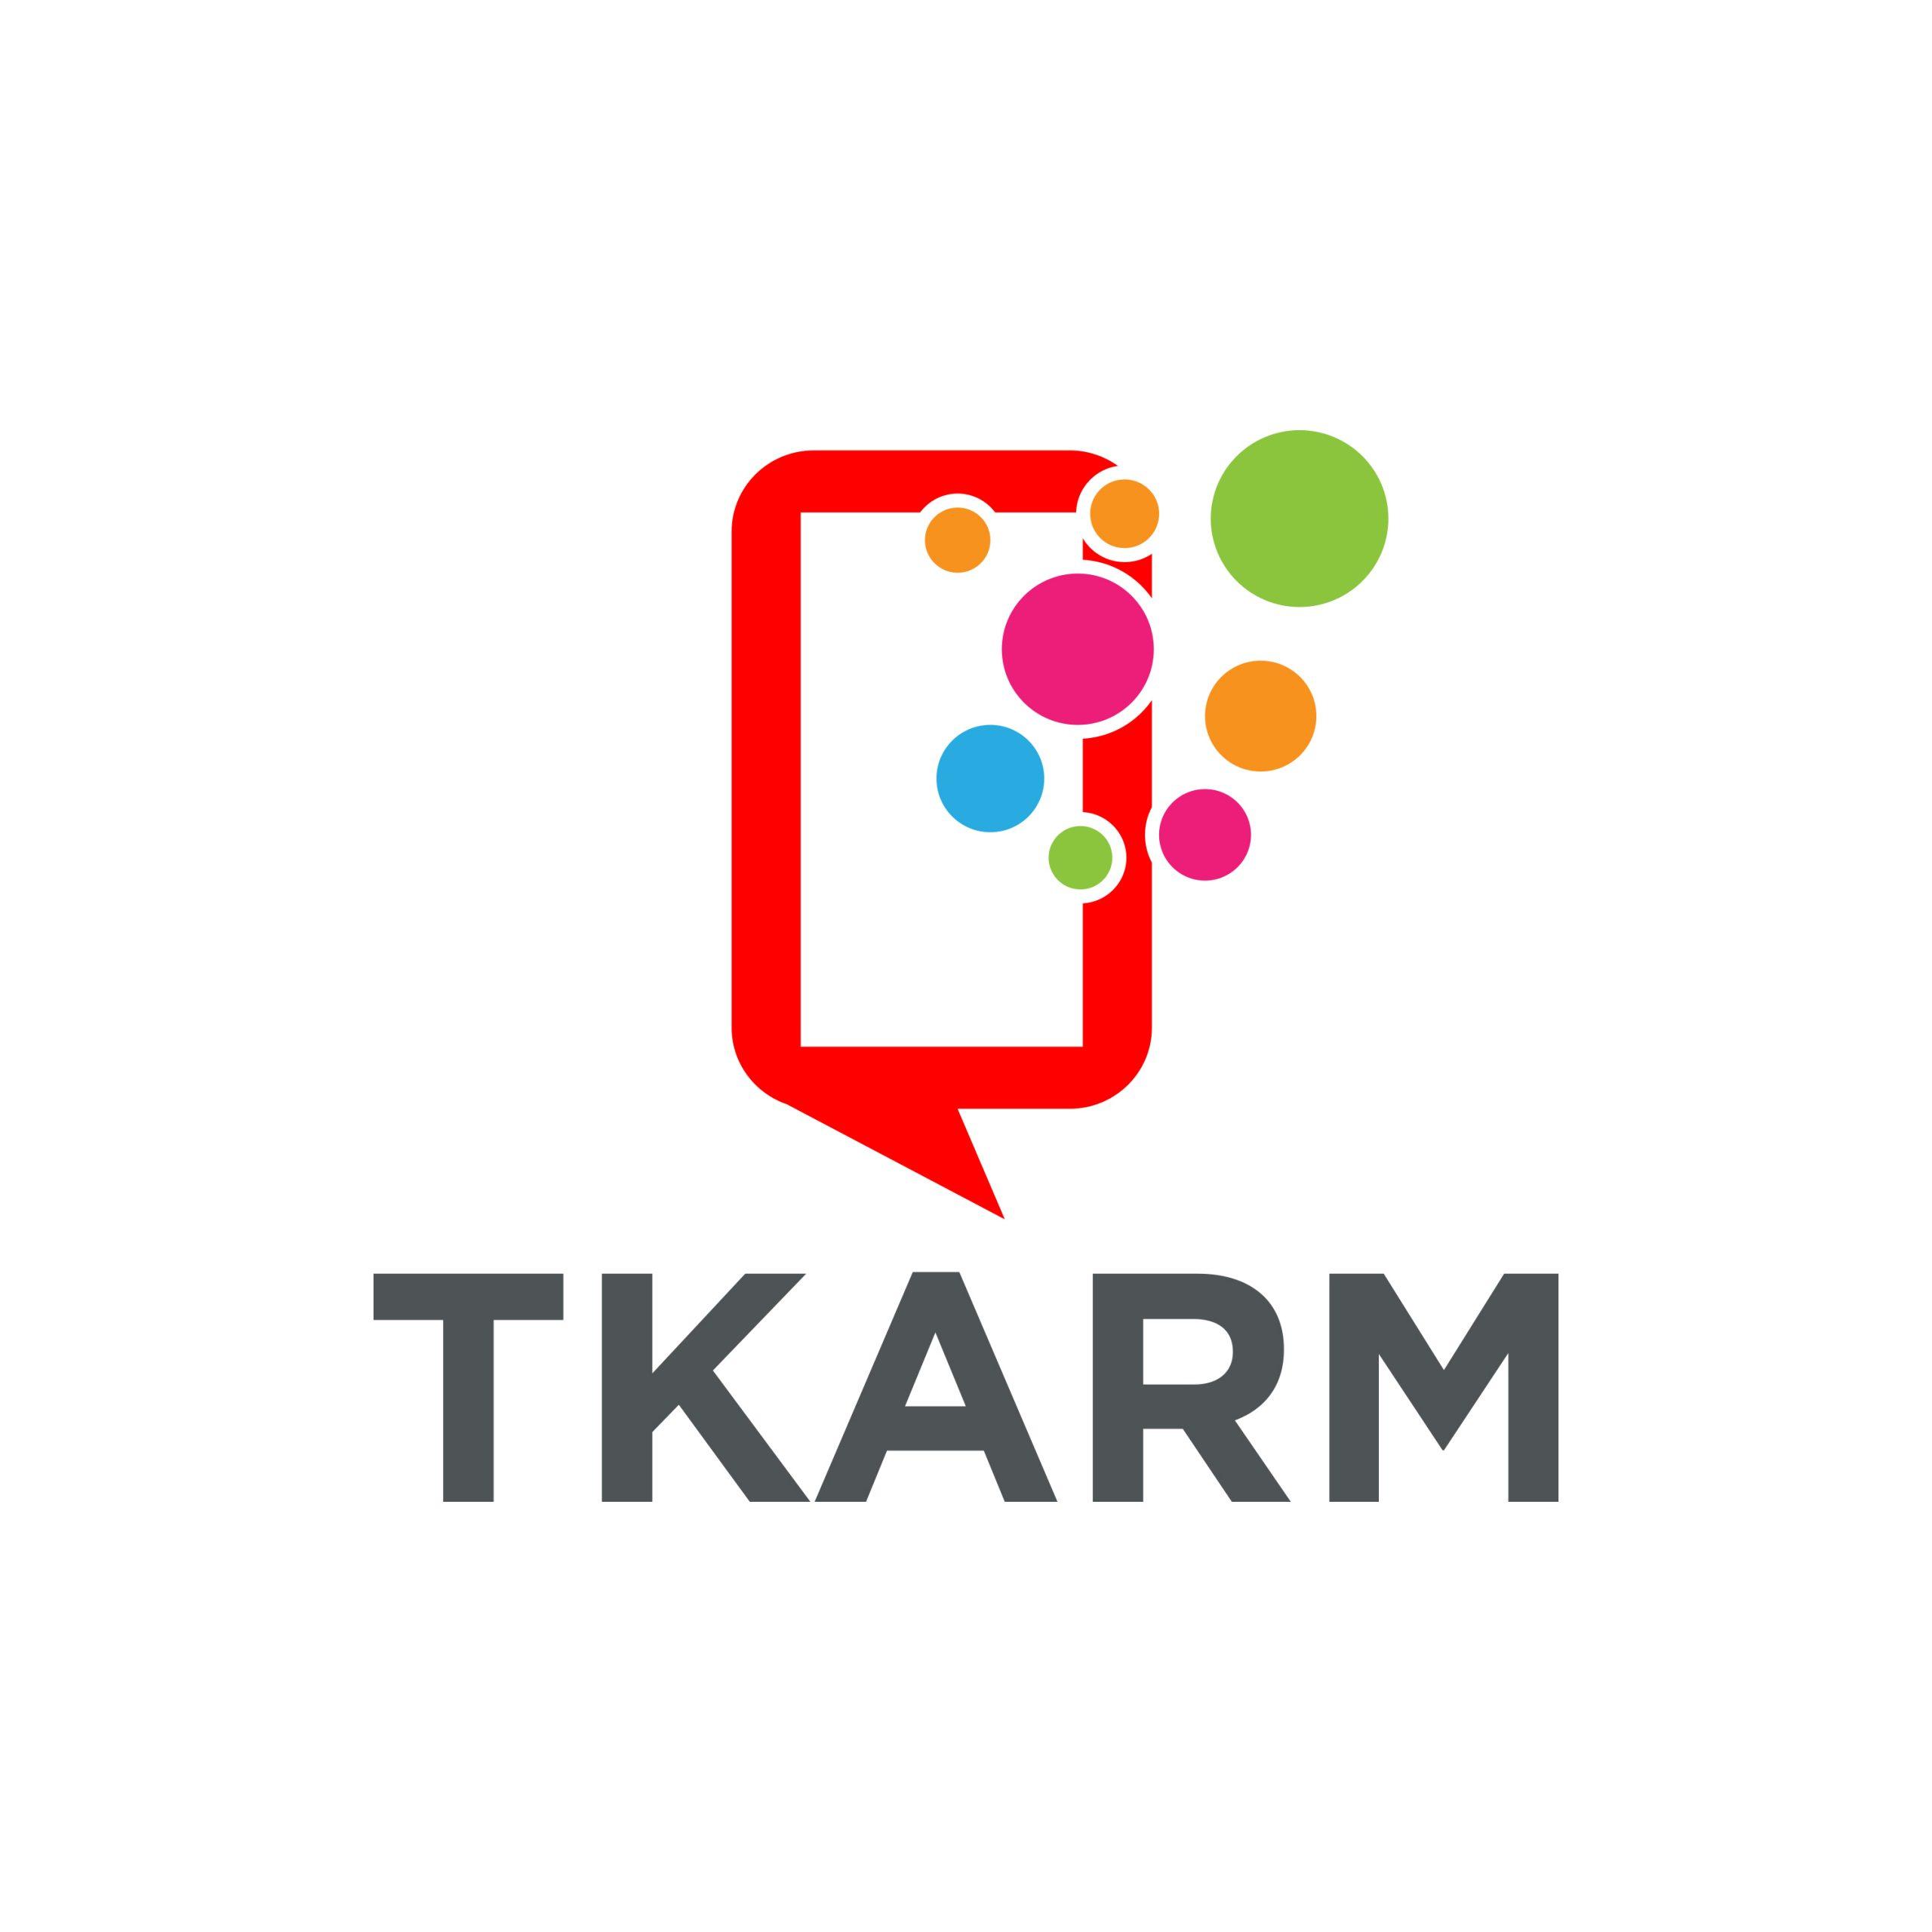 Tkarm Inc.